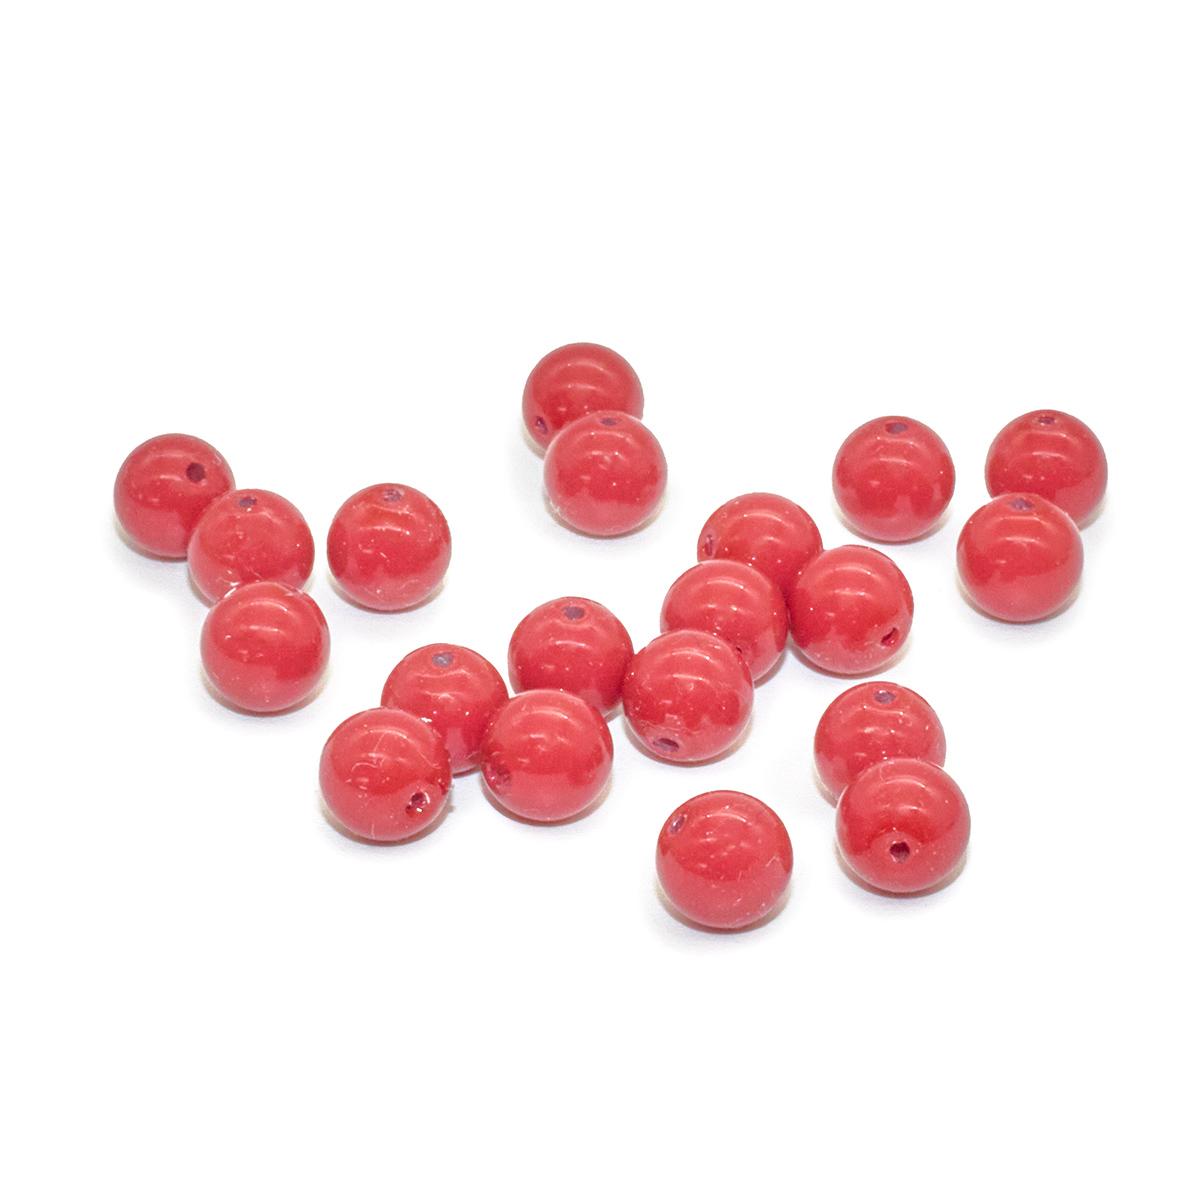 131-10-011 Хрустальный жемчуг Cranberry 6мм. 20 шт. Preciosa